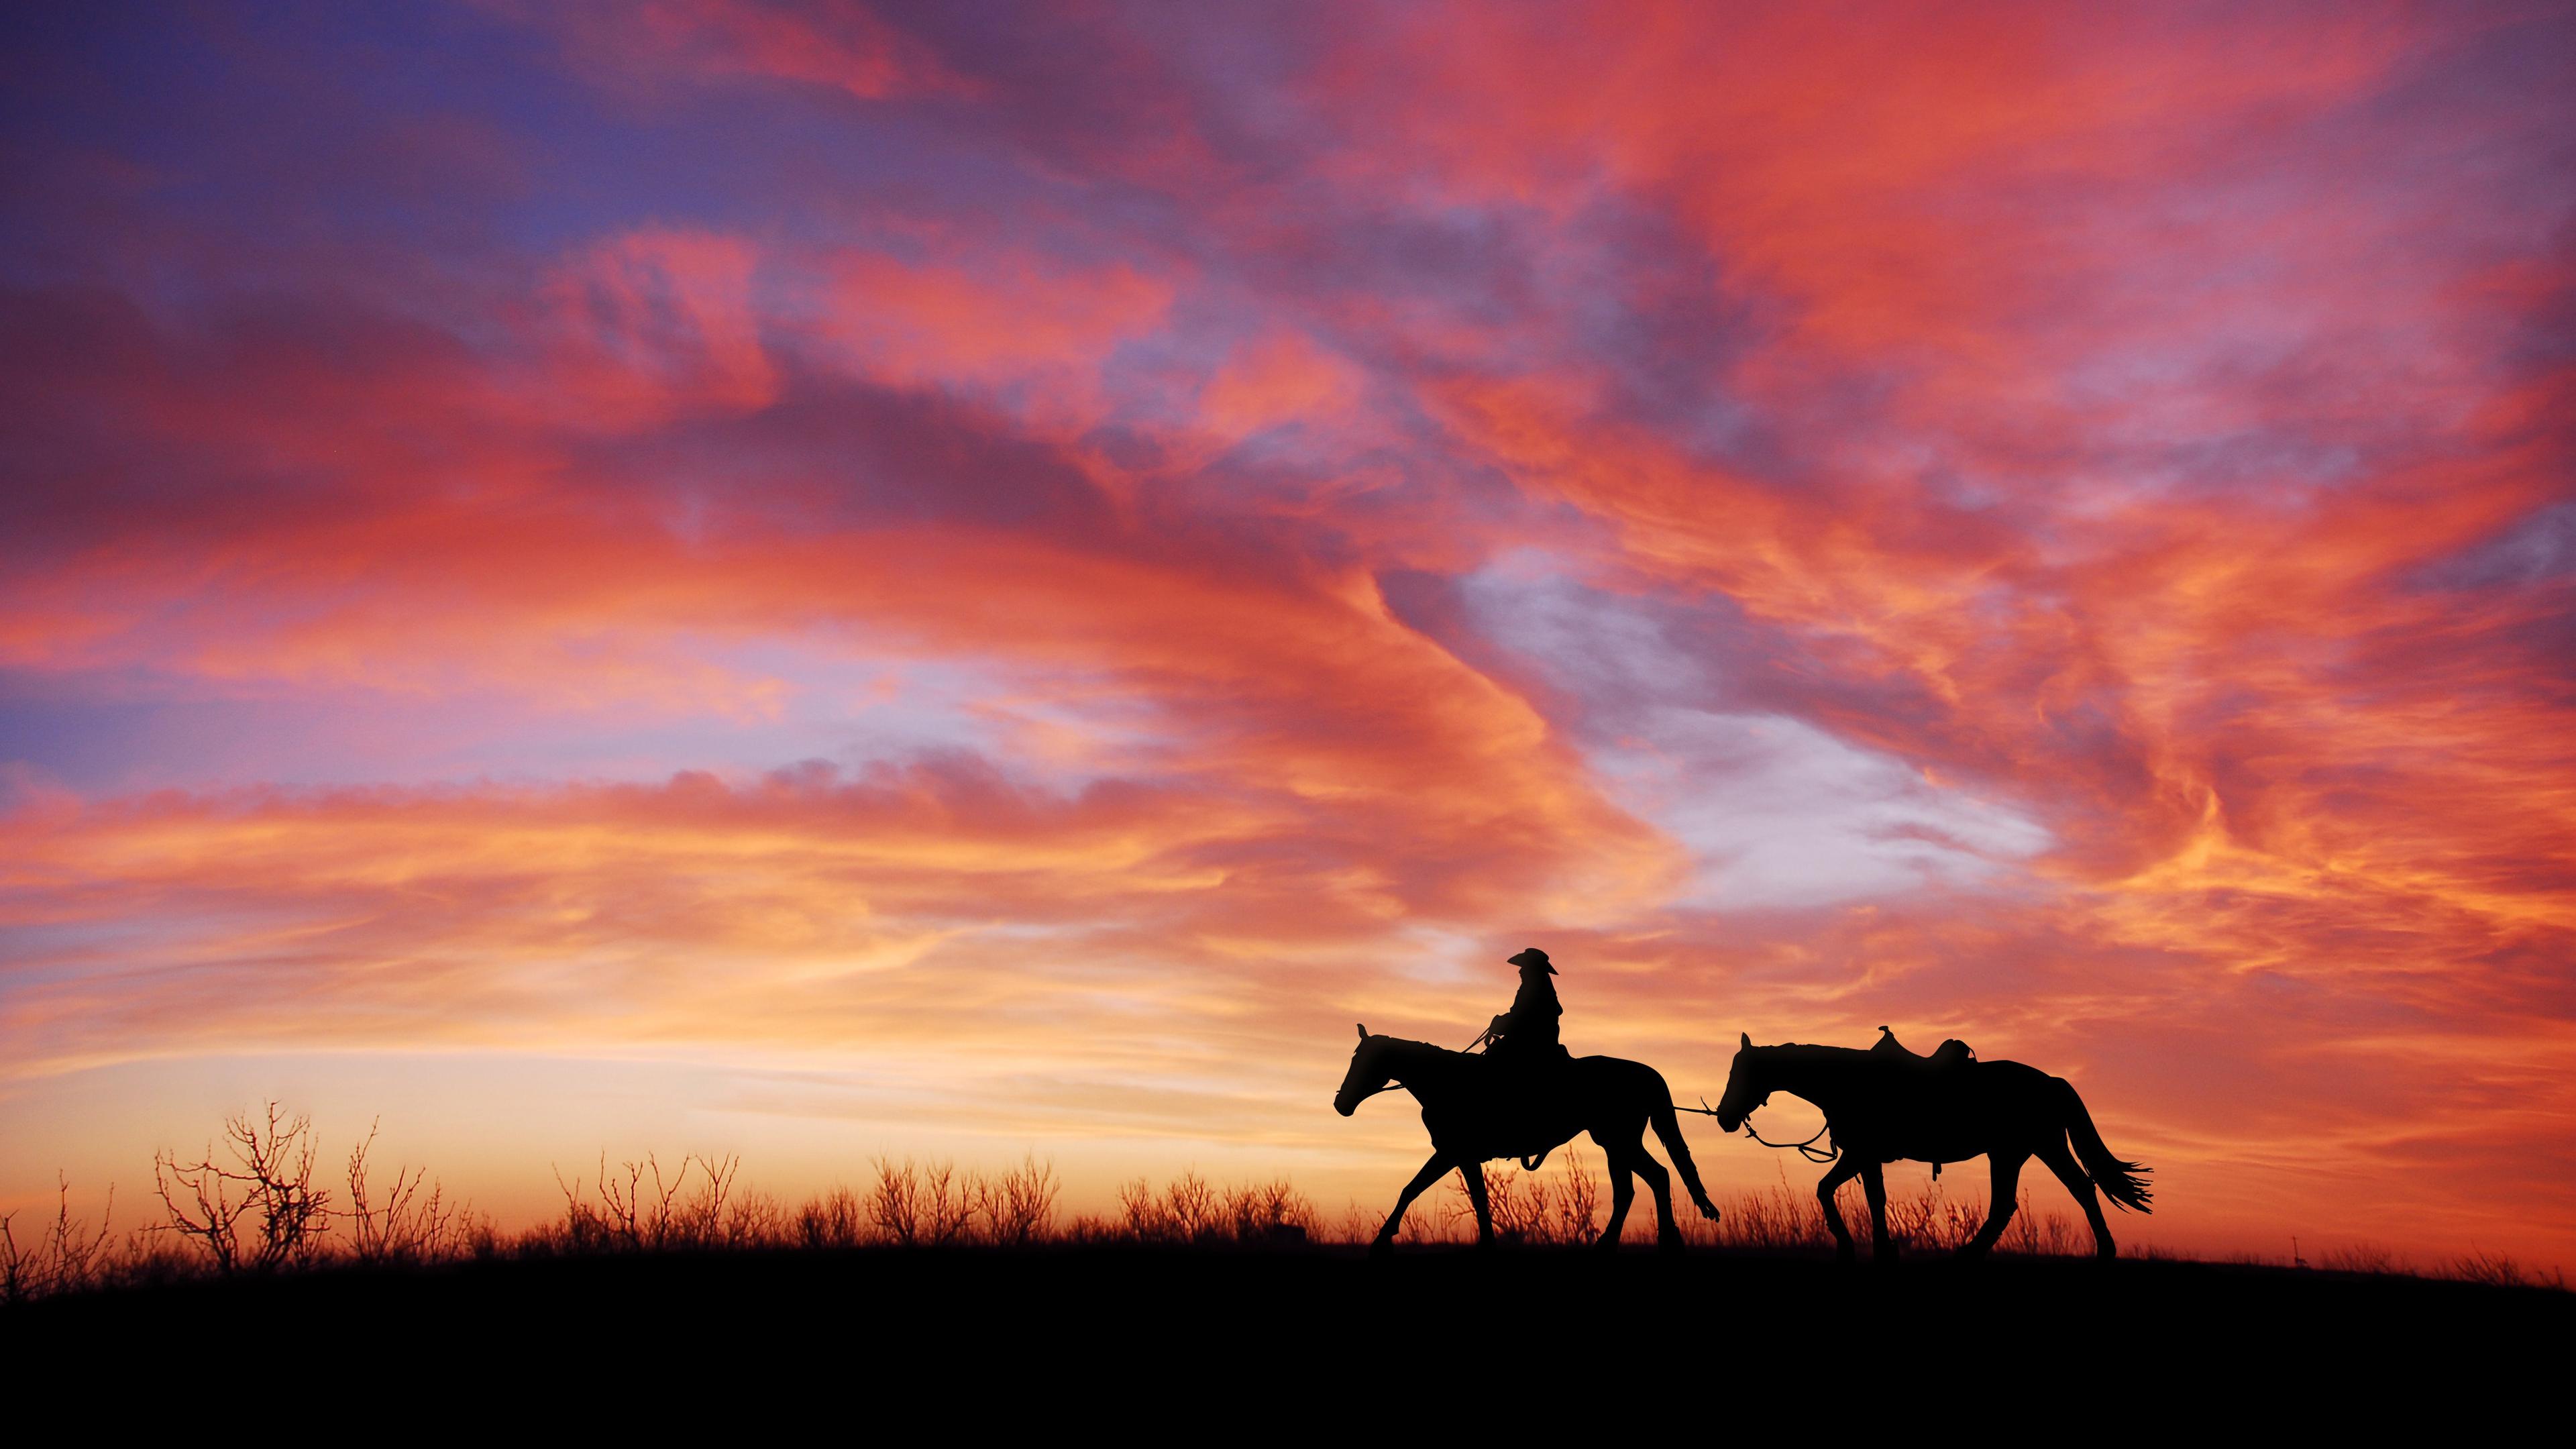 Изящные силуэты лошадей в огненно-рыжих лучах небосвода